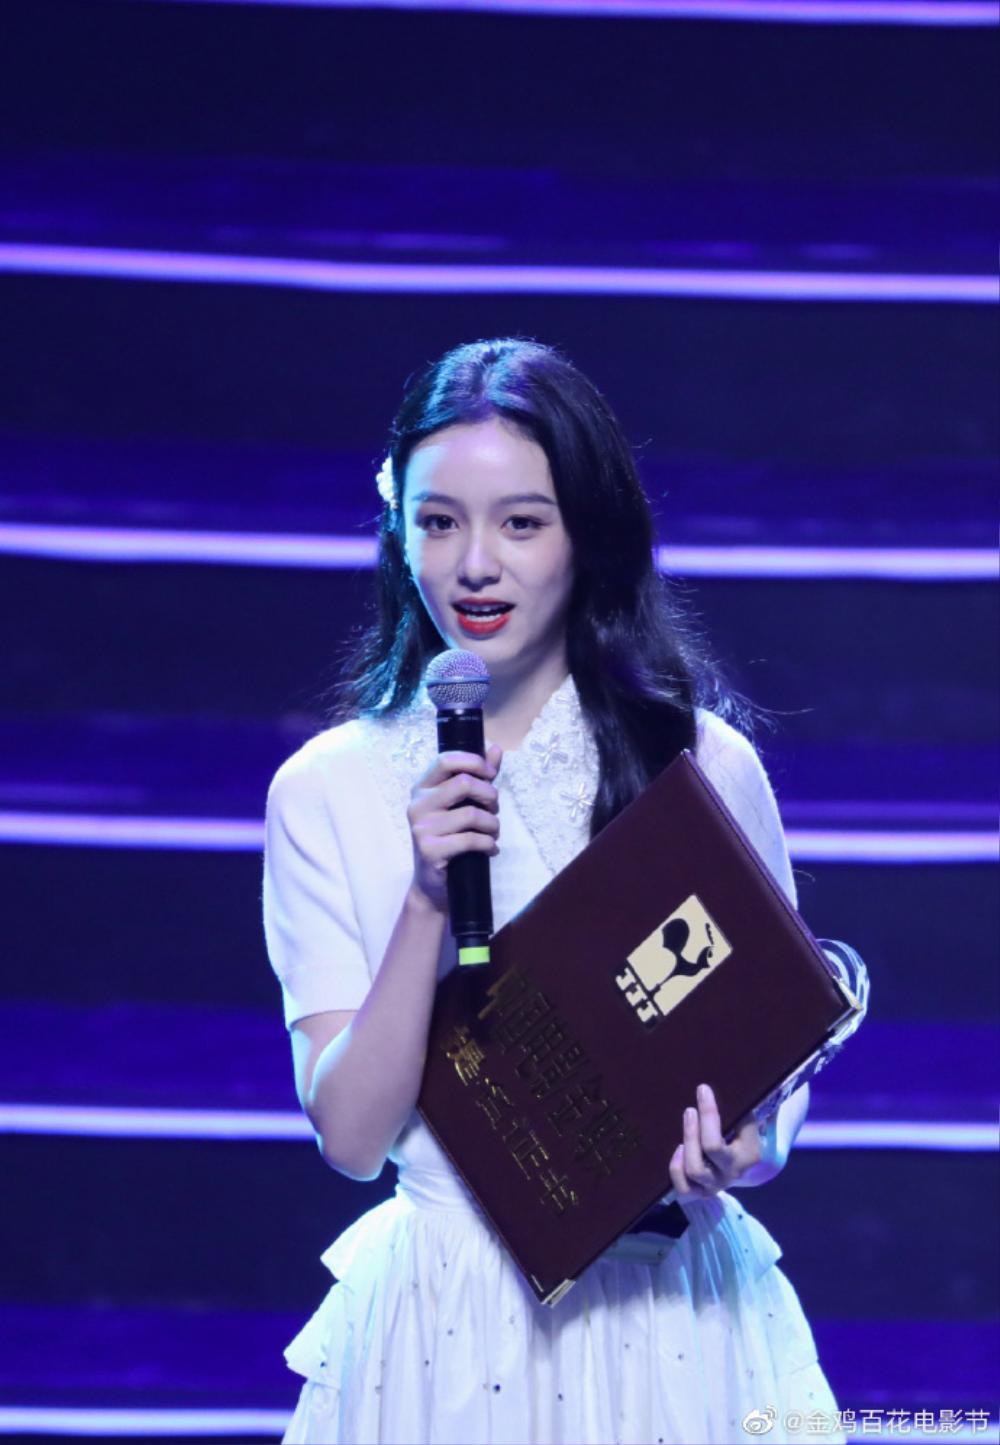 Dịch Dương Thiên Tỉ - Châu Đông Vũ cùng nhận thưởng đề cử, Huỳnh Hiểu Minh phát biểu gây chú ý Ảnh 6